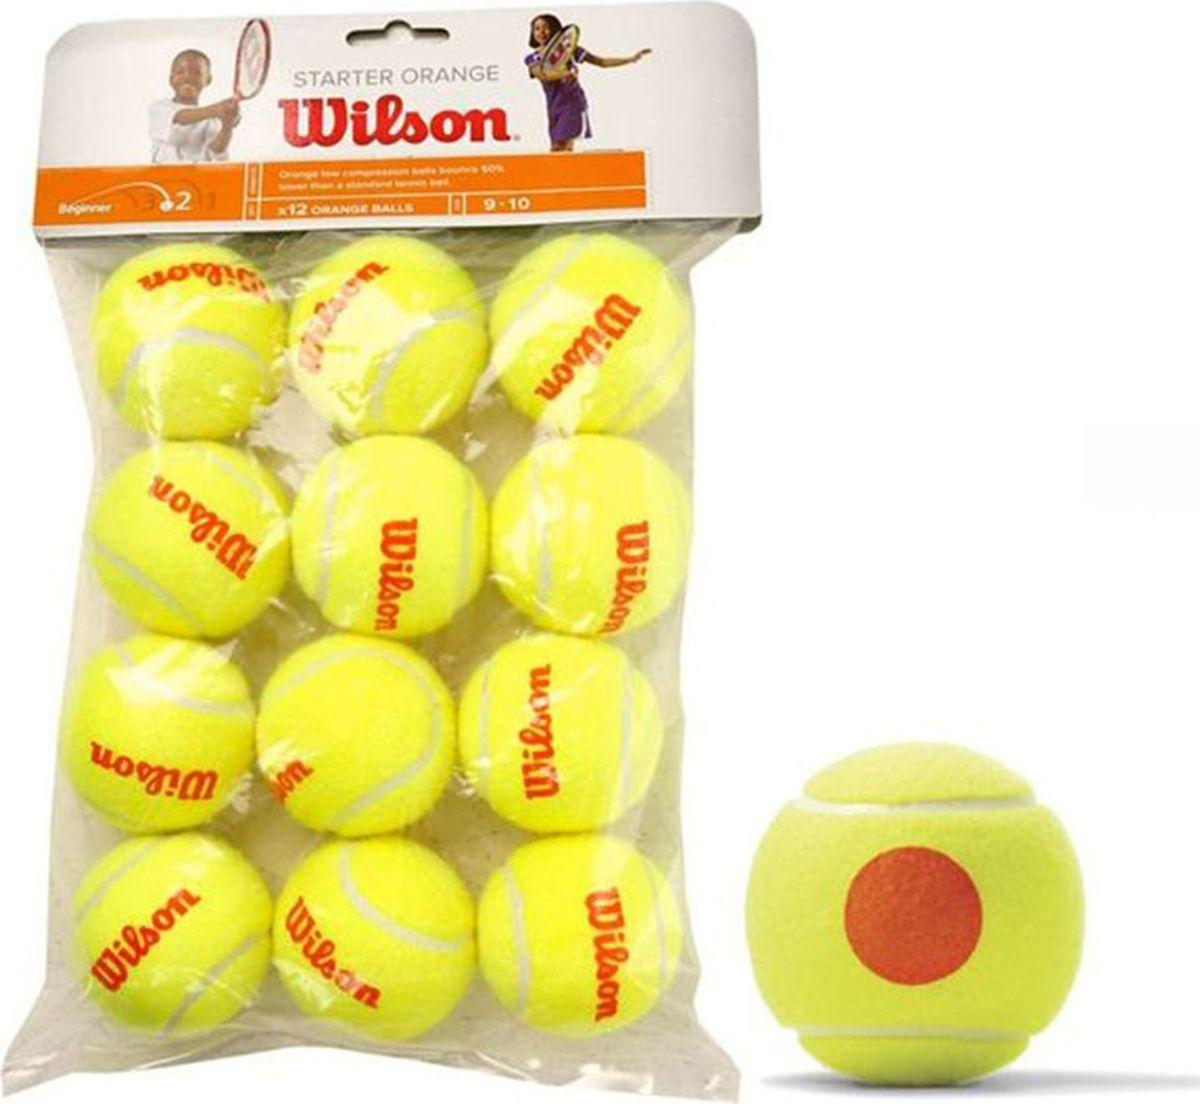 Мячи Wilson Starter Orange, 12 шт3B294Тренировочный мяч высокого качества Wilson Starter Orange, WRT137200 подходит для соревнований тренировок детей возрасте от до 10 лет. Данный мяч одобрен ITF (Международная Федерация Тенниса). Мячи Wilson Starter Play это линейка специально разработанных мячей для юных спортсменов возрасте от до 16 лет.Мячи выполнены из высококачественного фетра дополнительной влагоотталкивающей пропиткой, благодаря чему вы сможете играть этим мячом на непросохшем покрытии кортаНа 50 меньше скорость отскока (стандартный размер корта 19м 5,6м-8,2м)В упаковке 12 мячейИндивидуальная упаковка